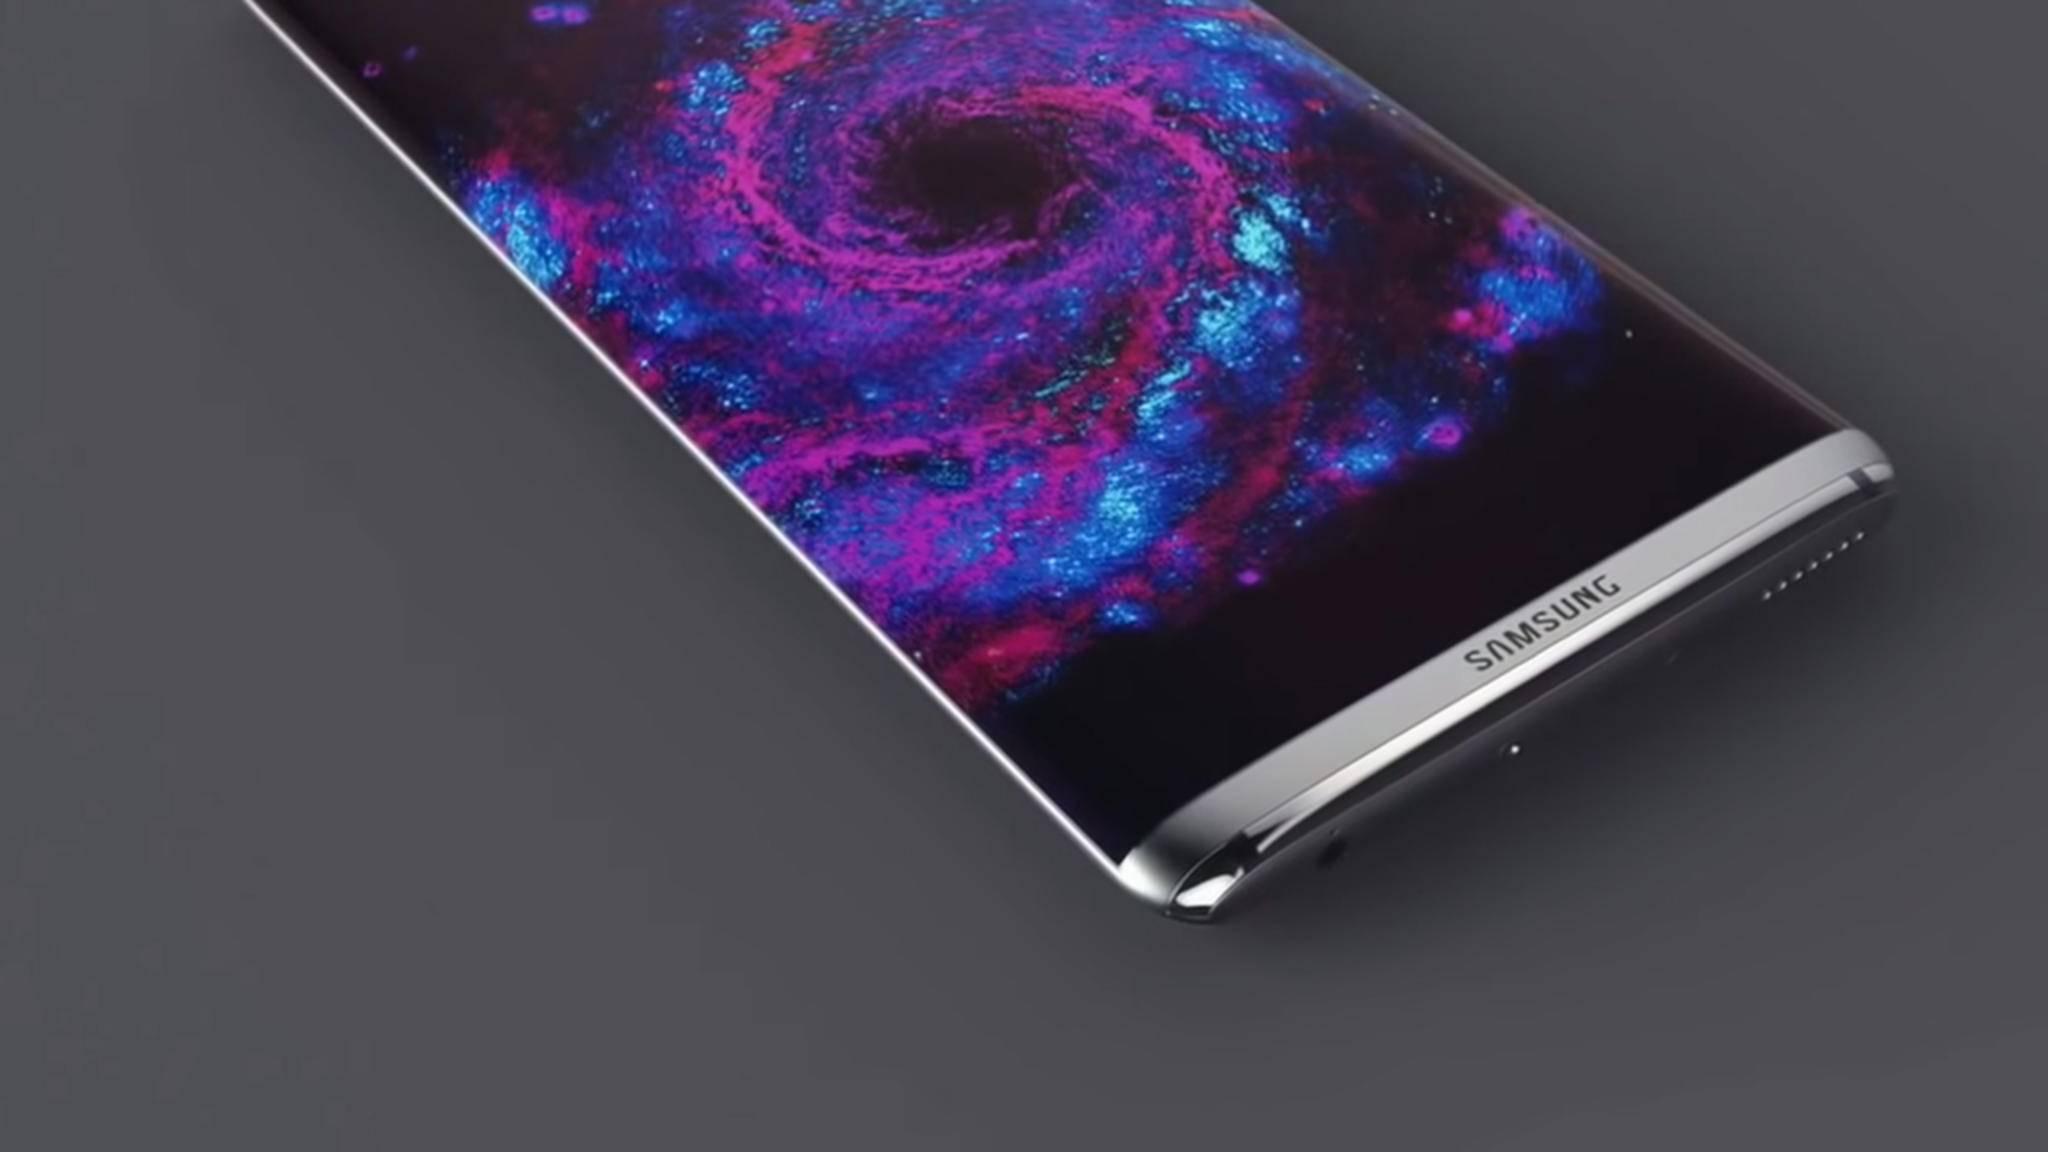 Das KI-System auf dem Galaxy S8 könnte auf den Namen Bixby hören.